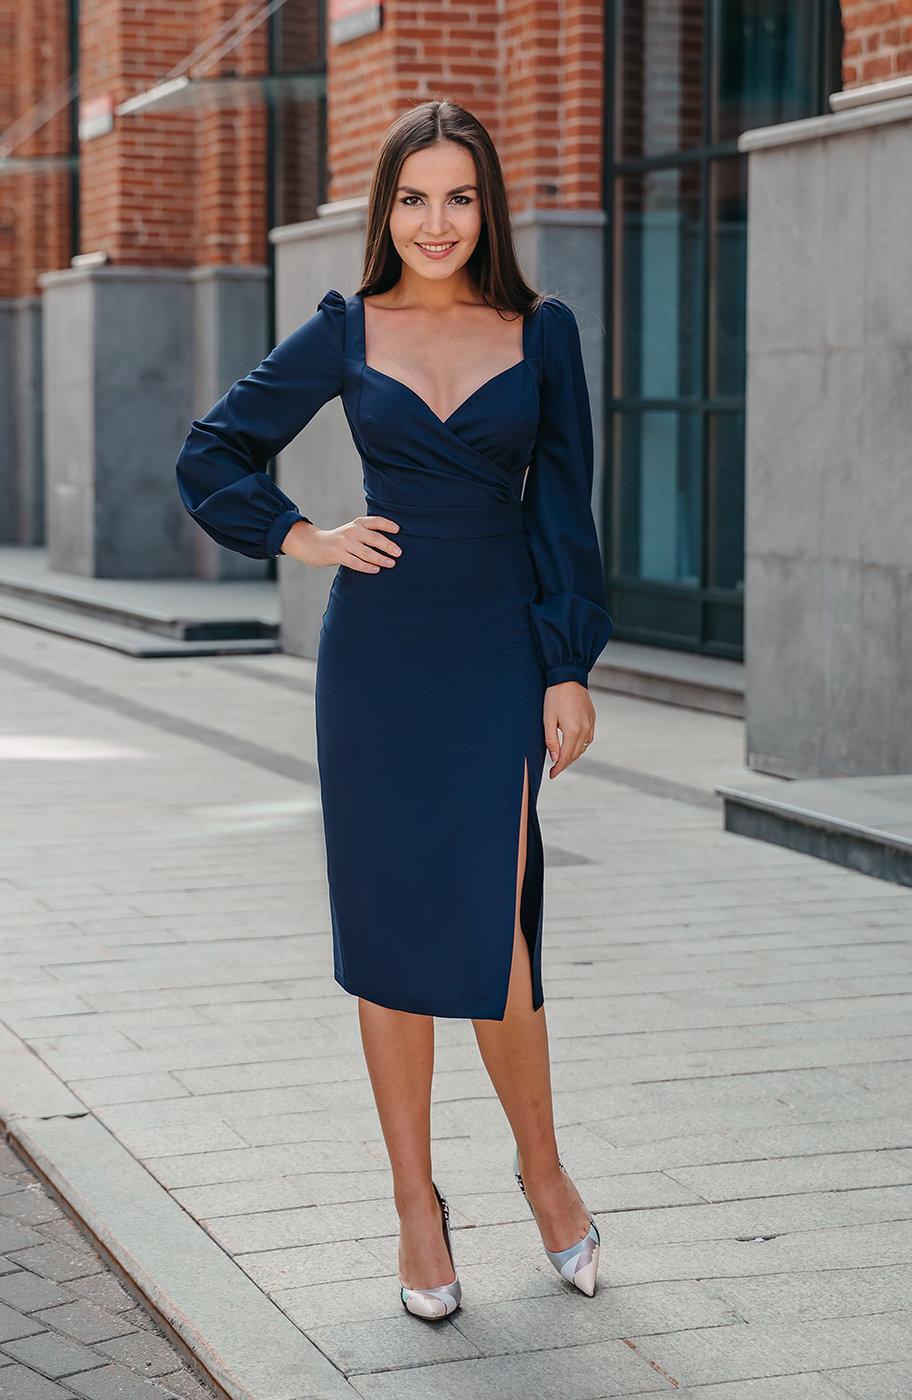 Платья на выпускной: модные фасоны 2021 года (60+ фото)